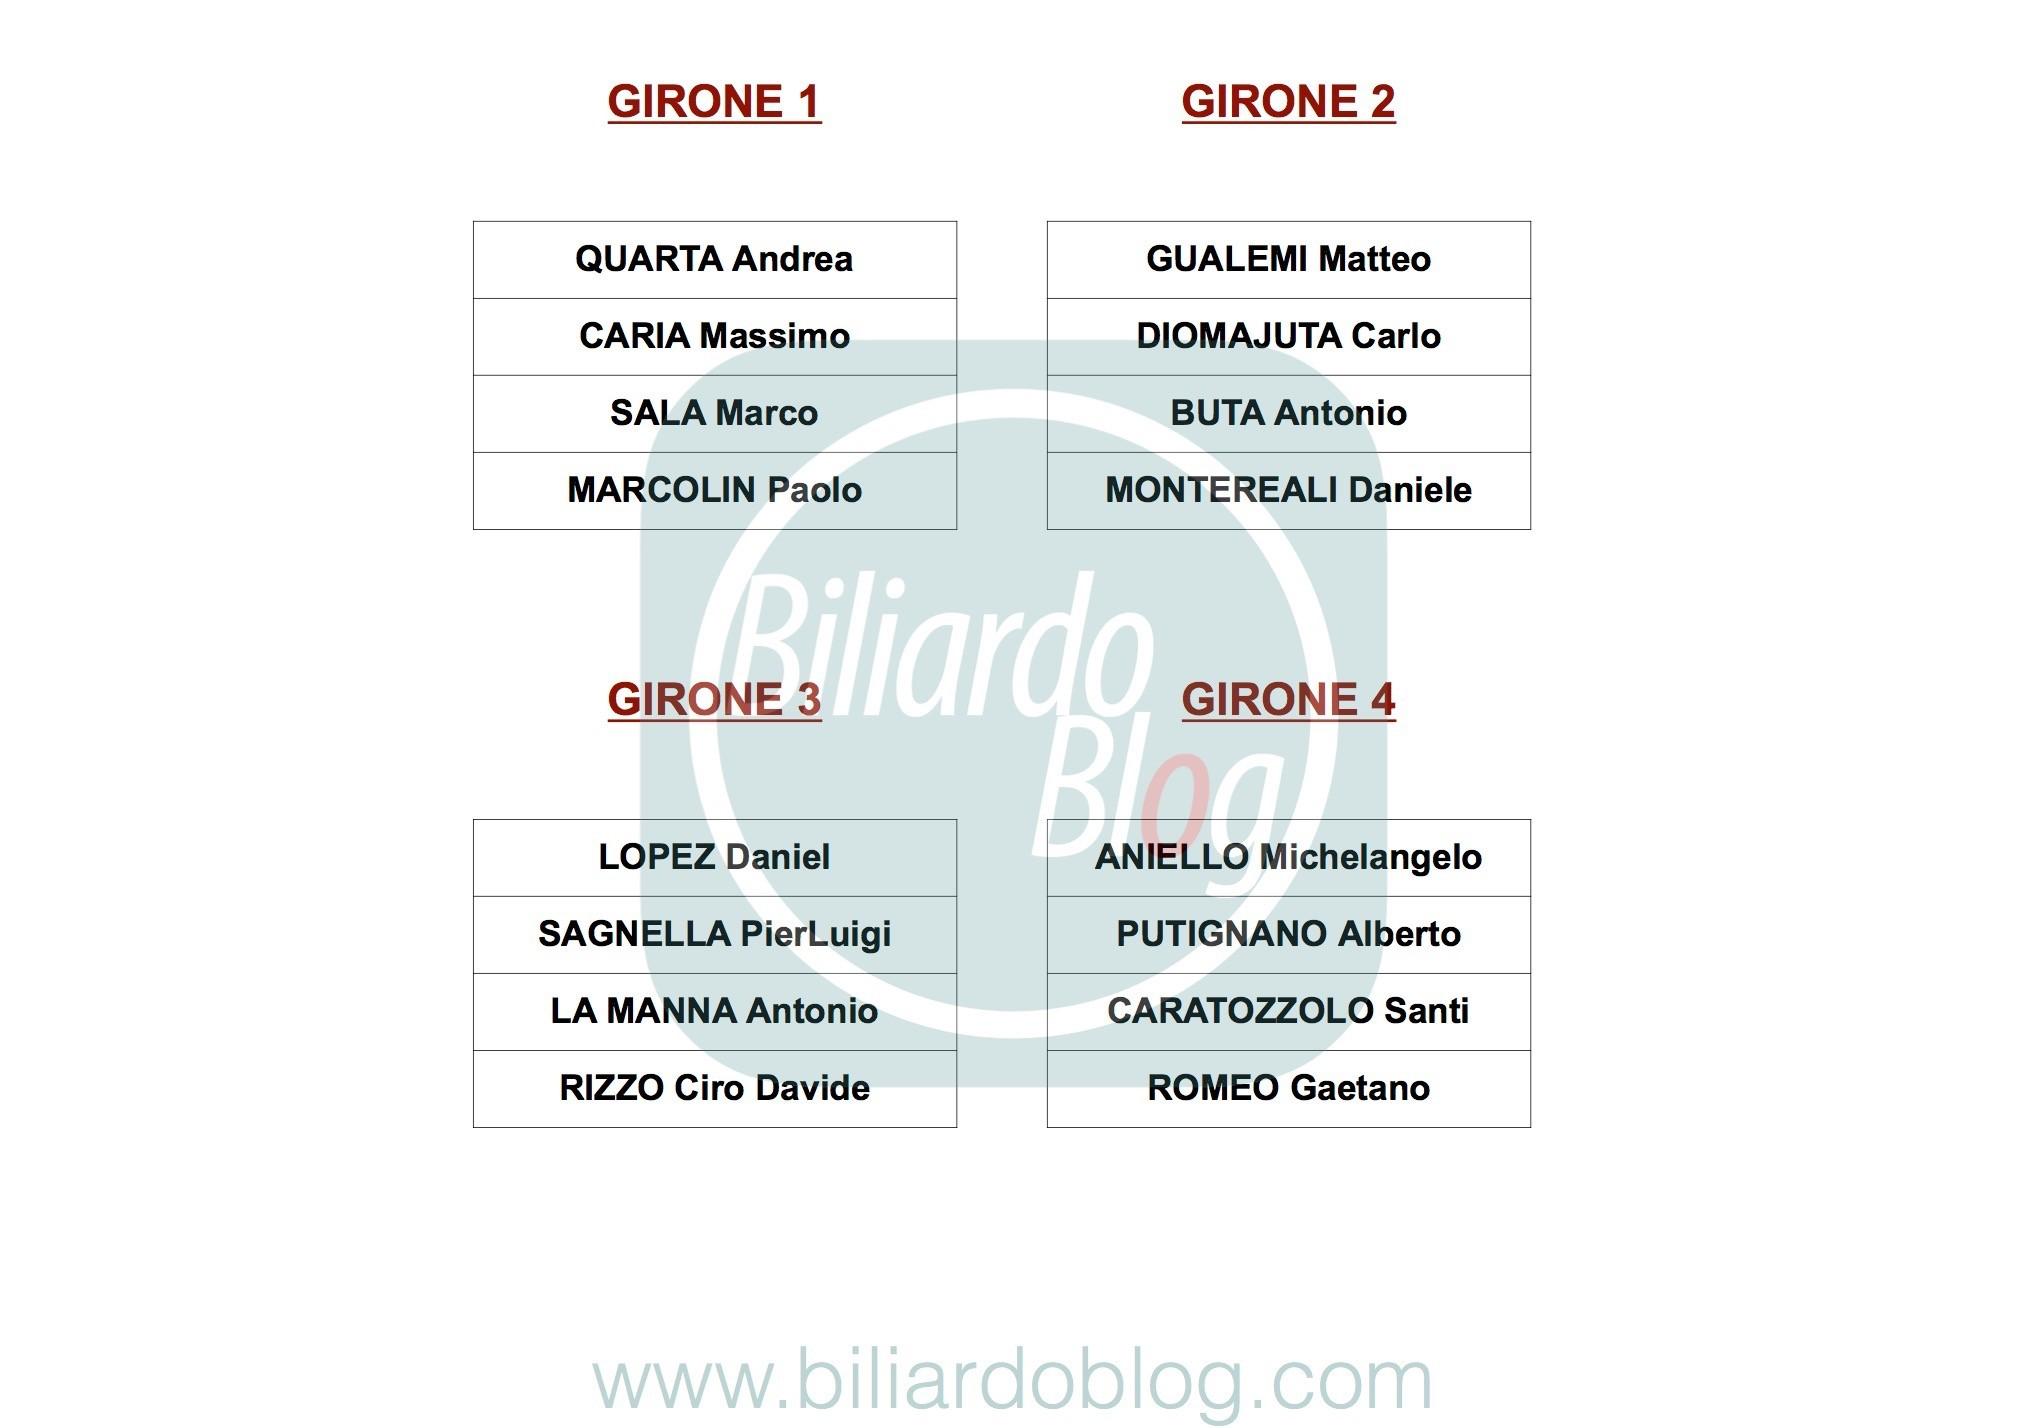 Campionato Italiano di Biliardo 2018 2019 i Gironi Pro